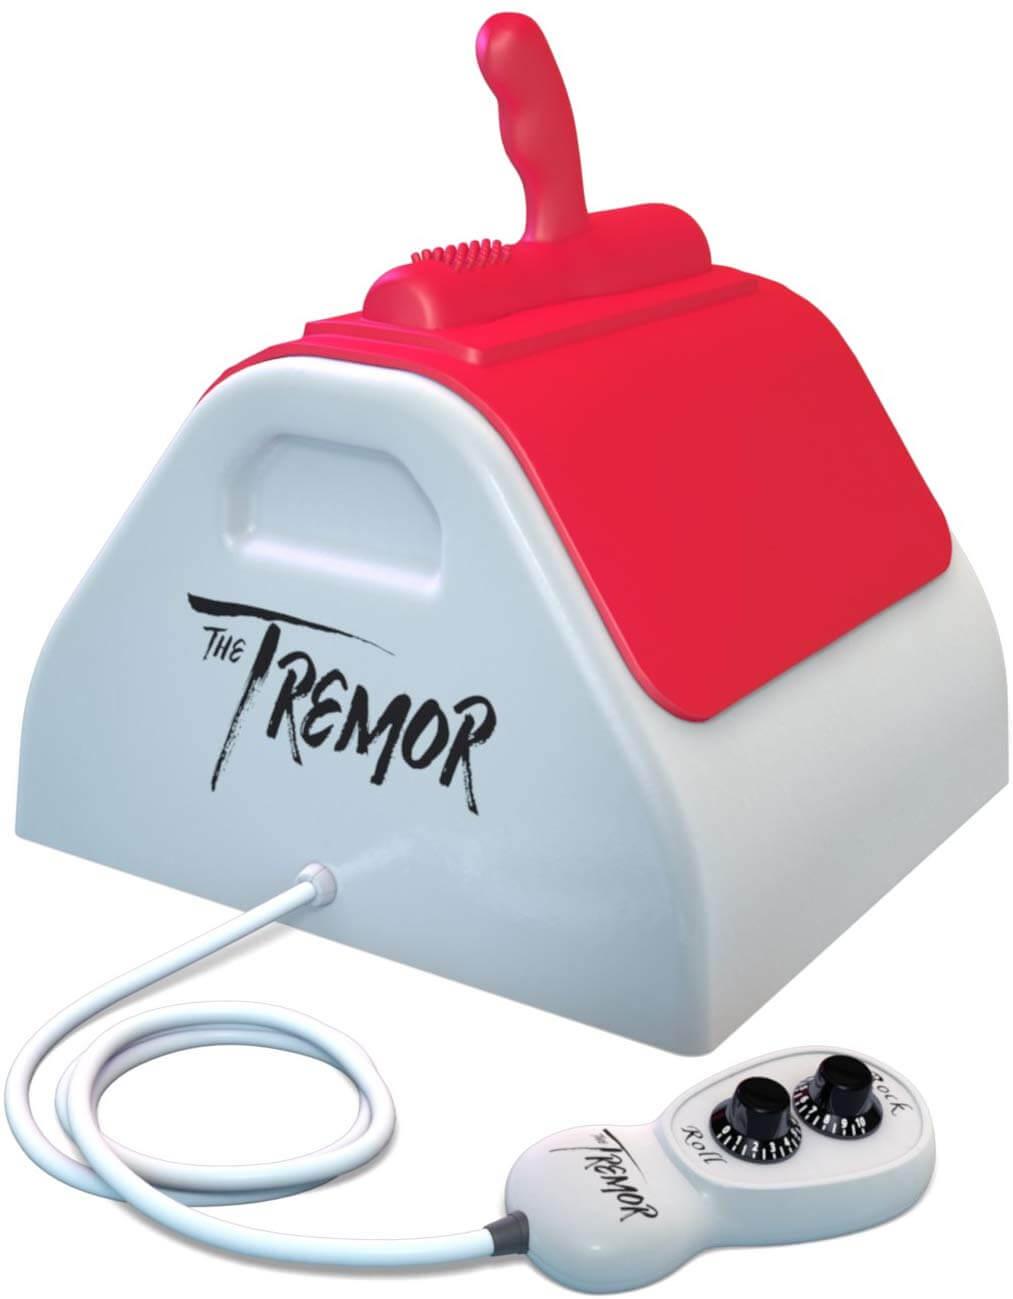 The Tremor Sex Machine